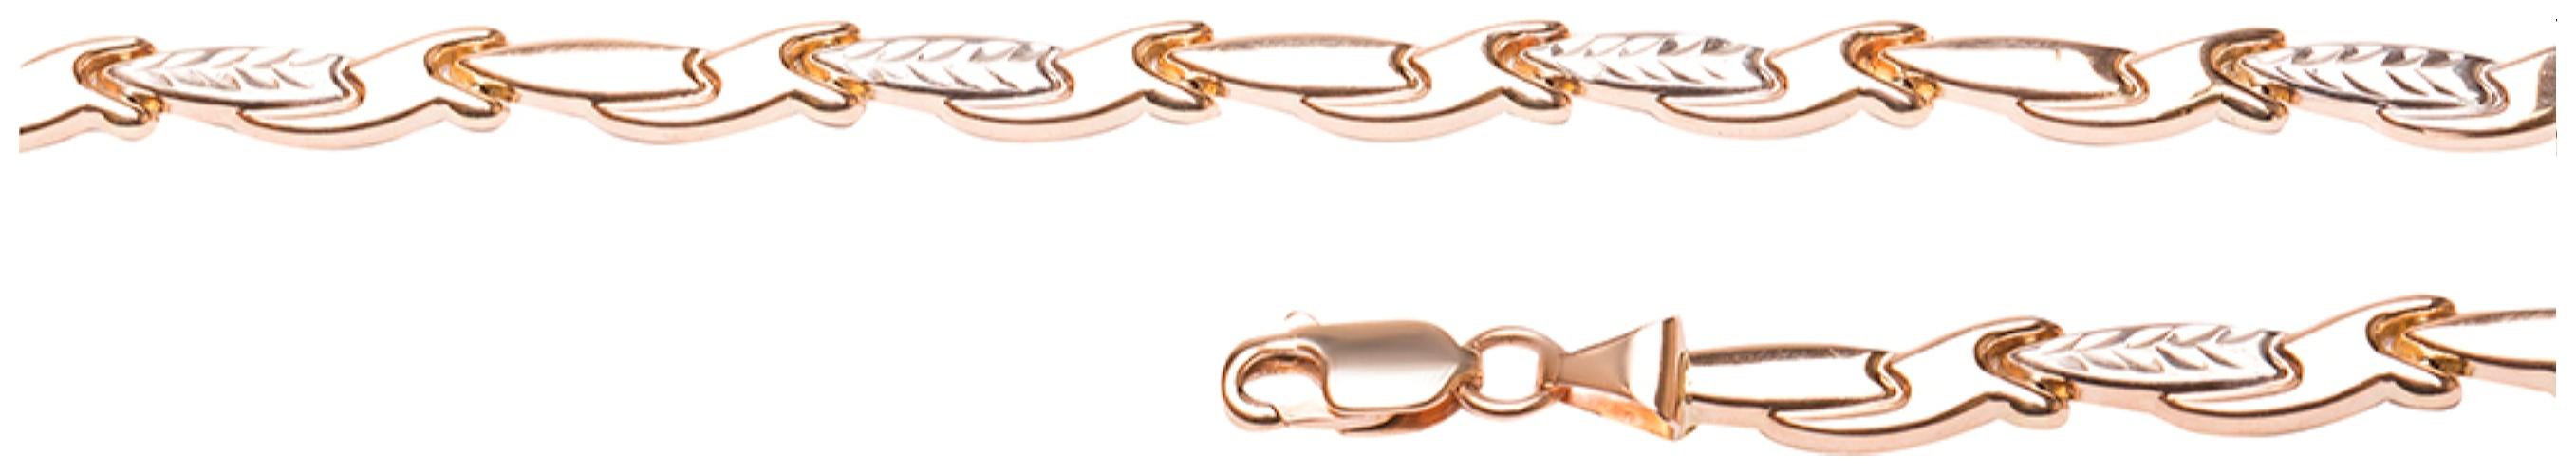 картинка браслет из золота 585° 0105511 А